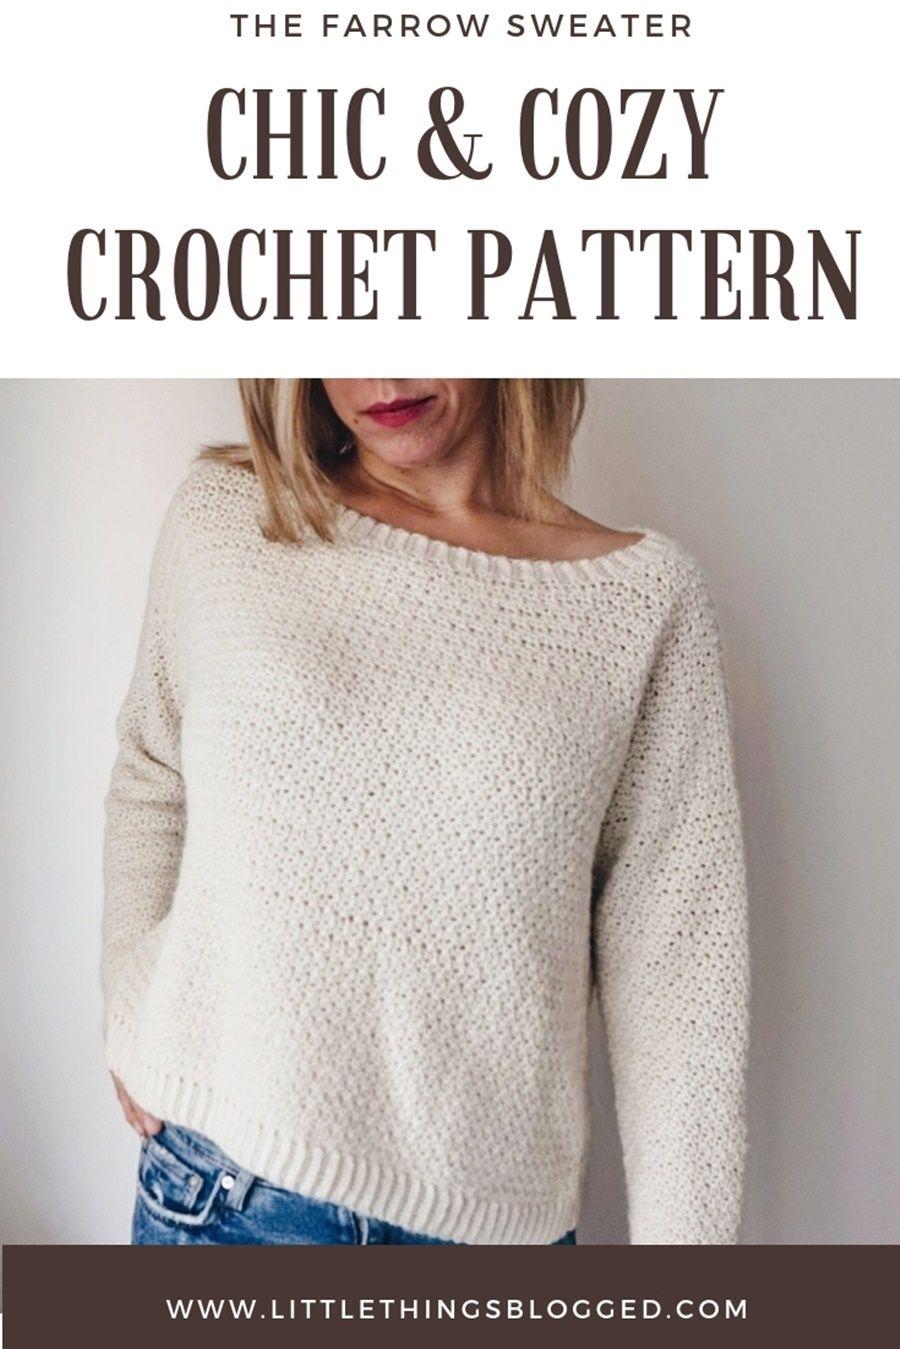 FARROW SWEATER CROCHET PATTERN #sweatercrochetpattern